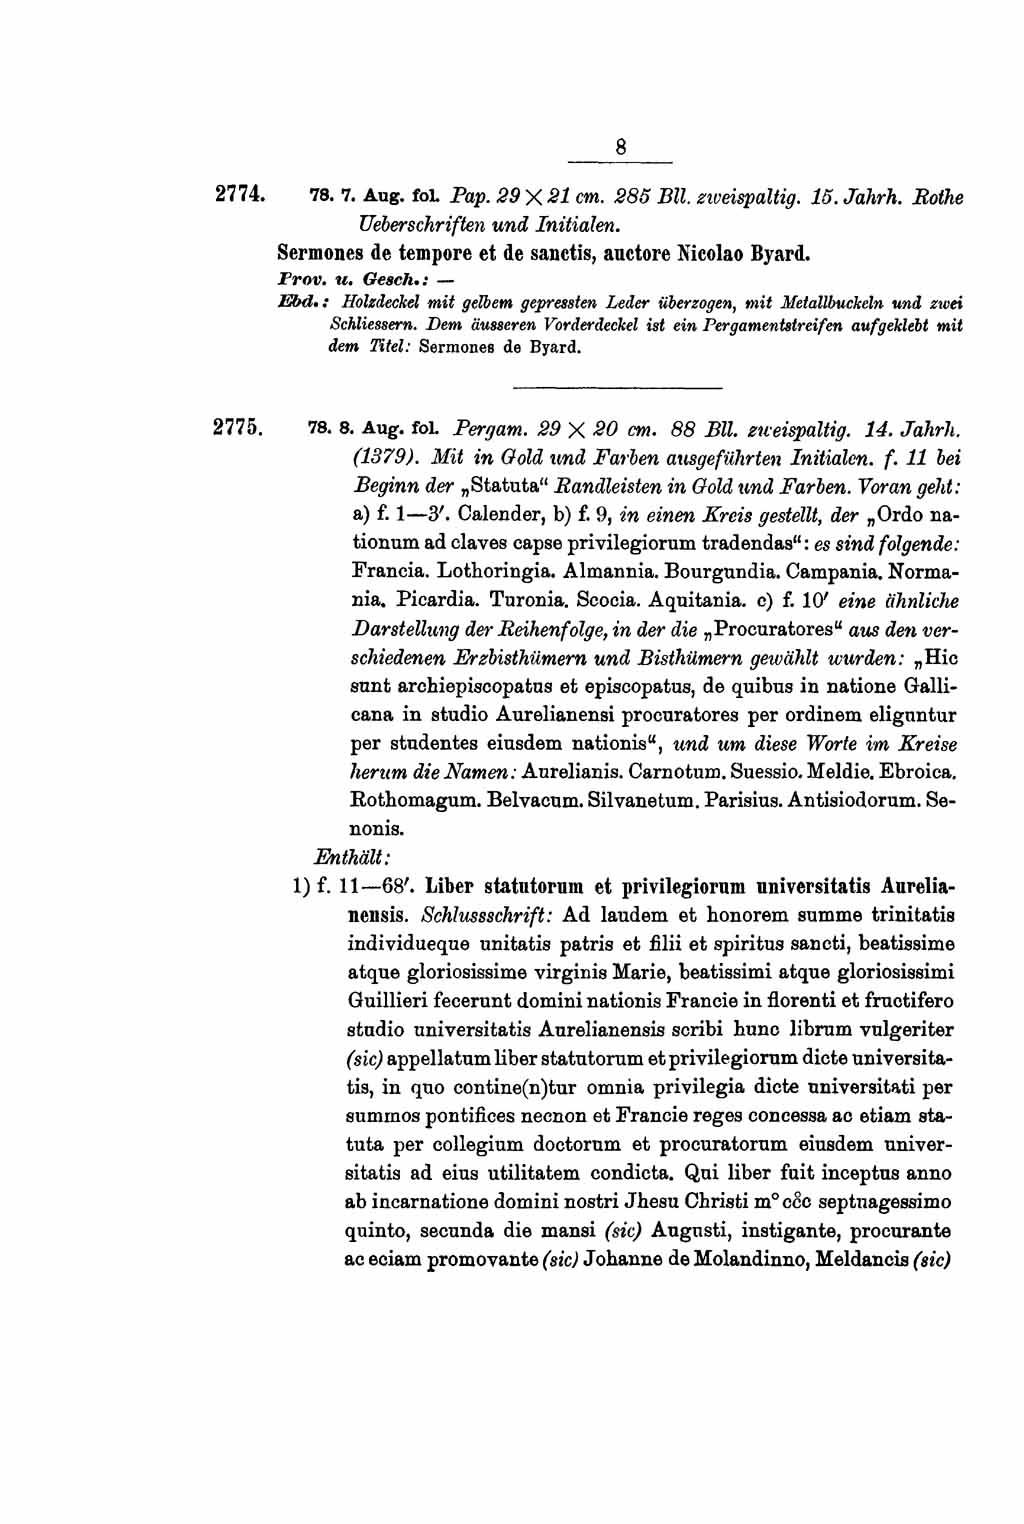 https://diglib.hab.de/drucke/f4f-539-7/00018.jpg